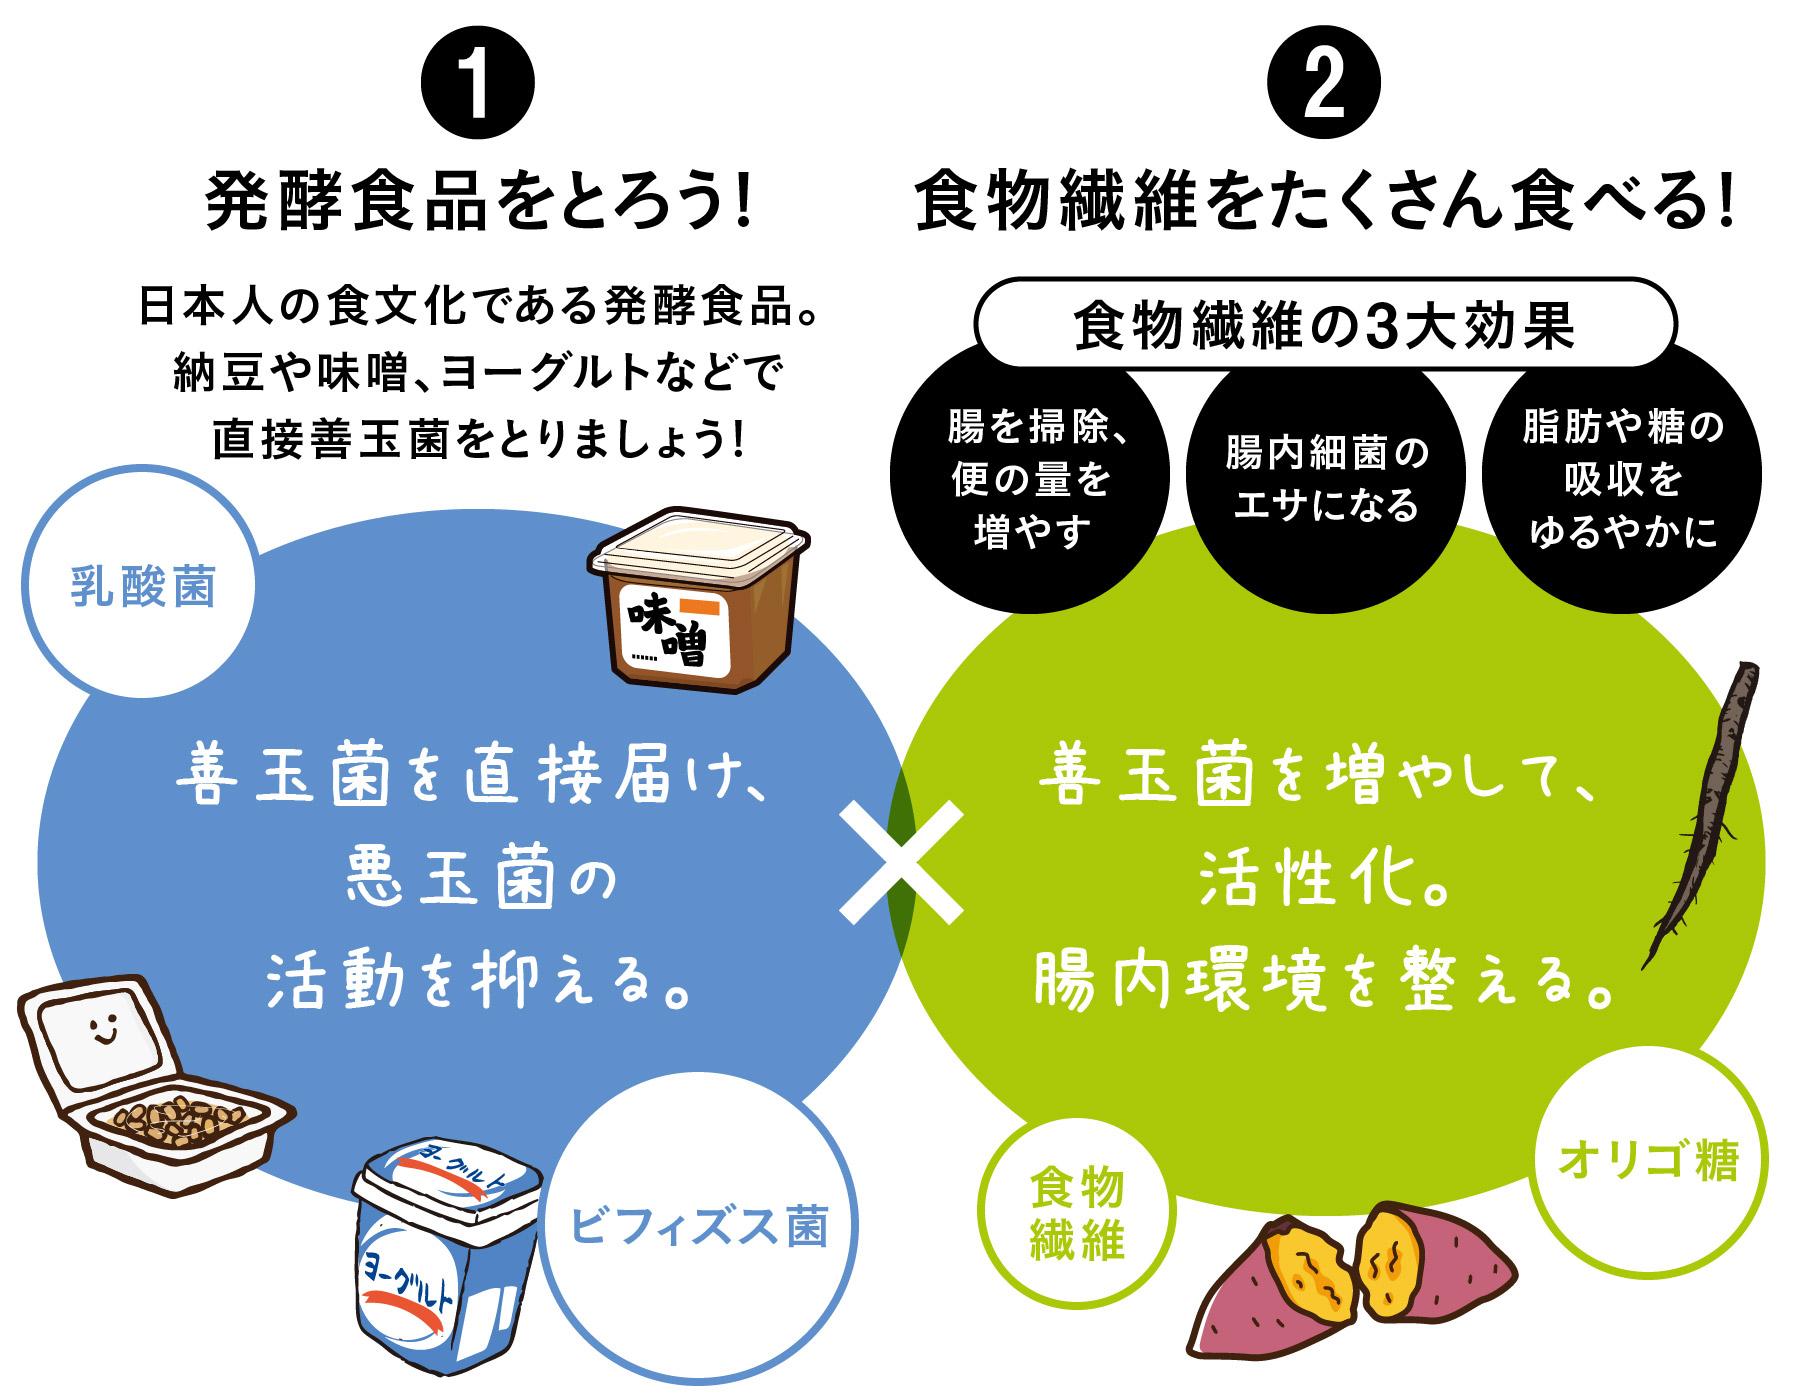 善玉 菌 増やす 善玉菌を増やす食べ物・食品